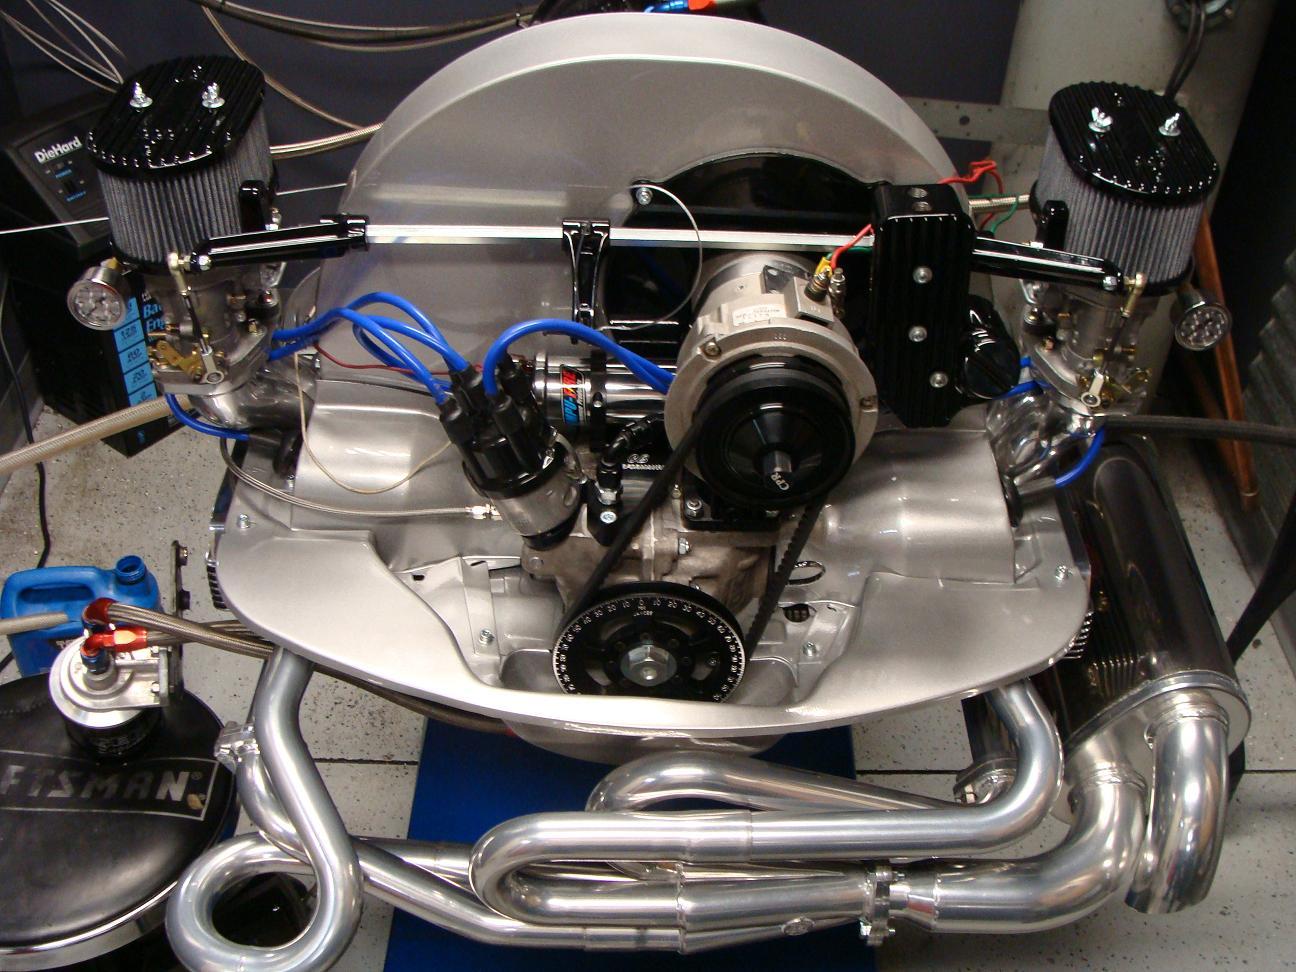 vw drag racing engines vw free engine image for user manual download. Black Bedroom Furniture Sets. Home Design Ideas